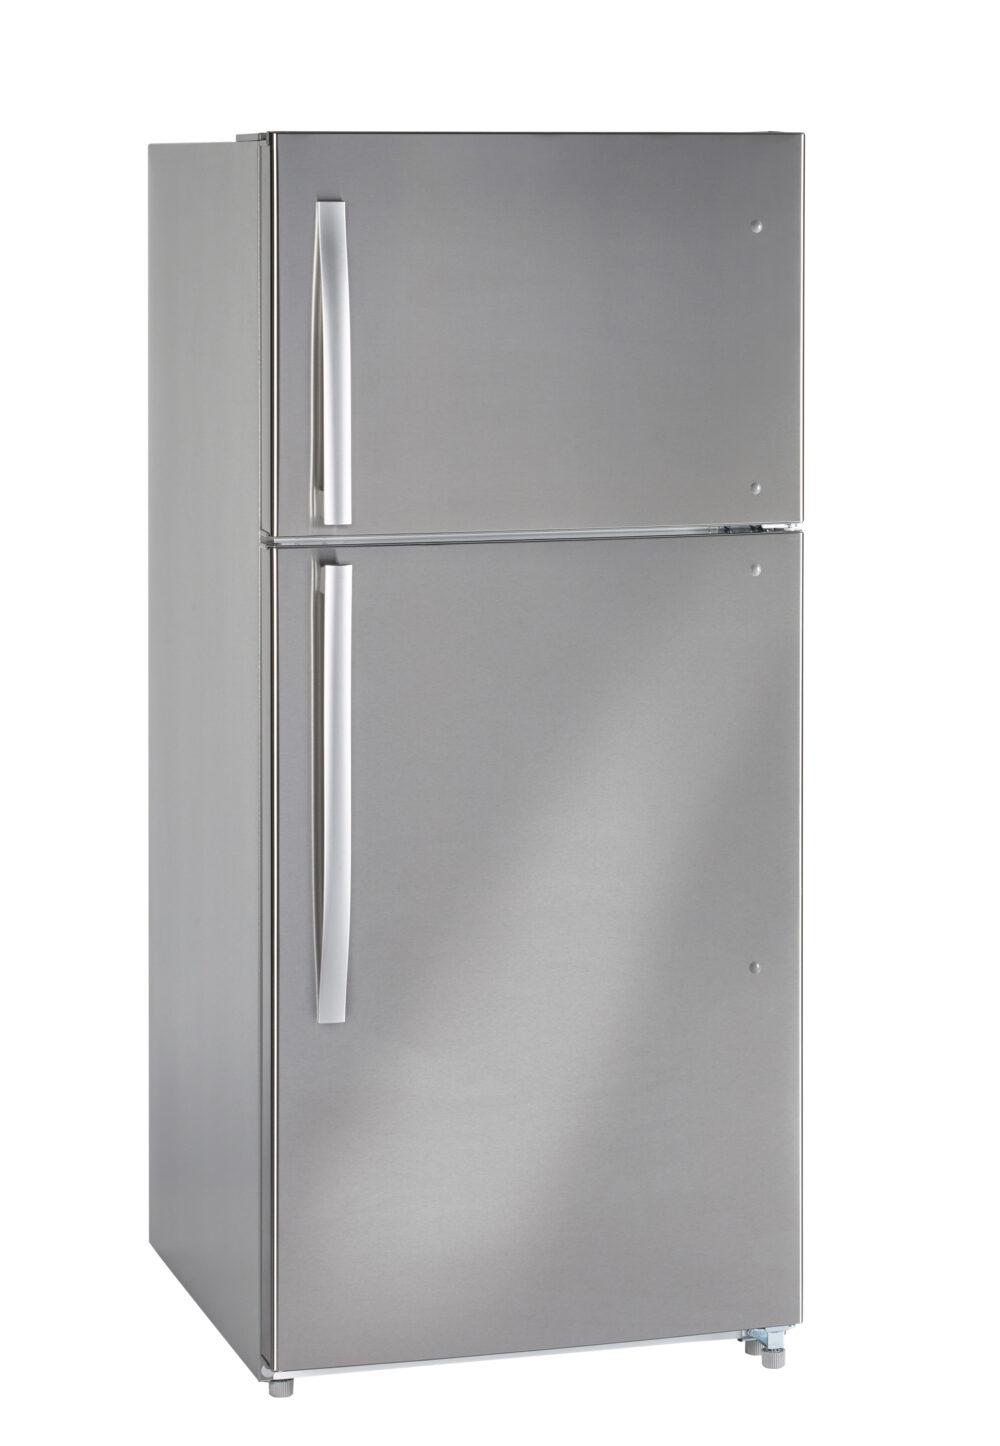 21396 - fridge - MTE18GSKSS - angled